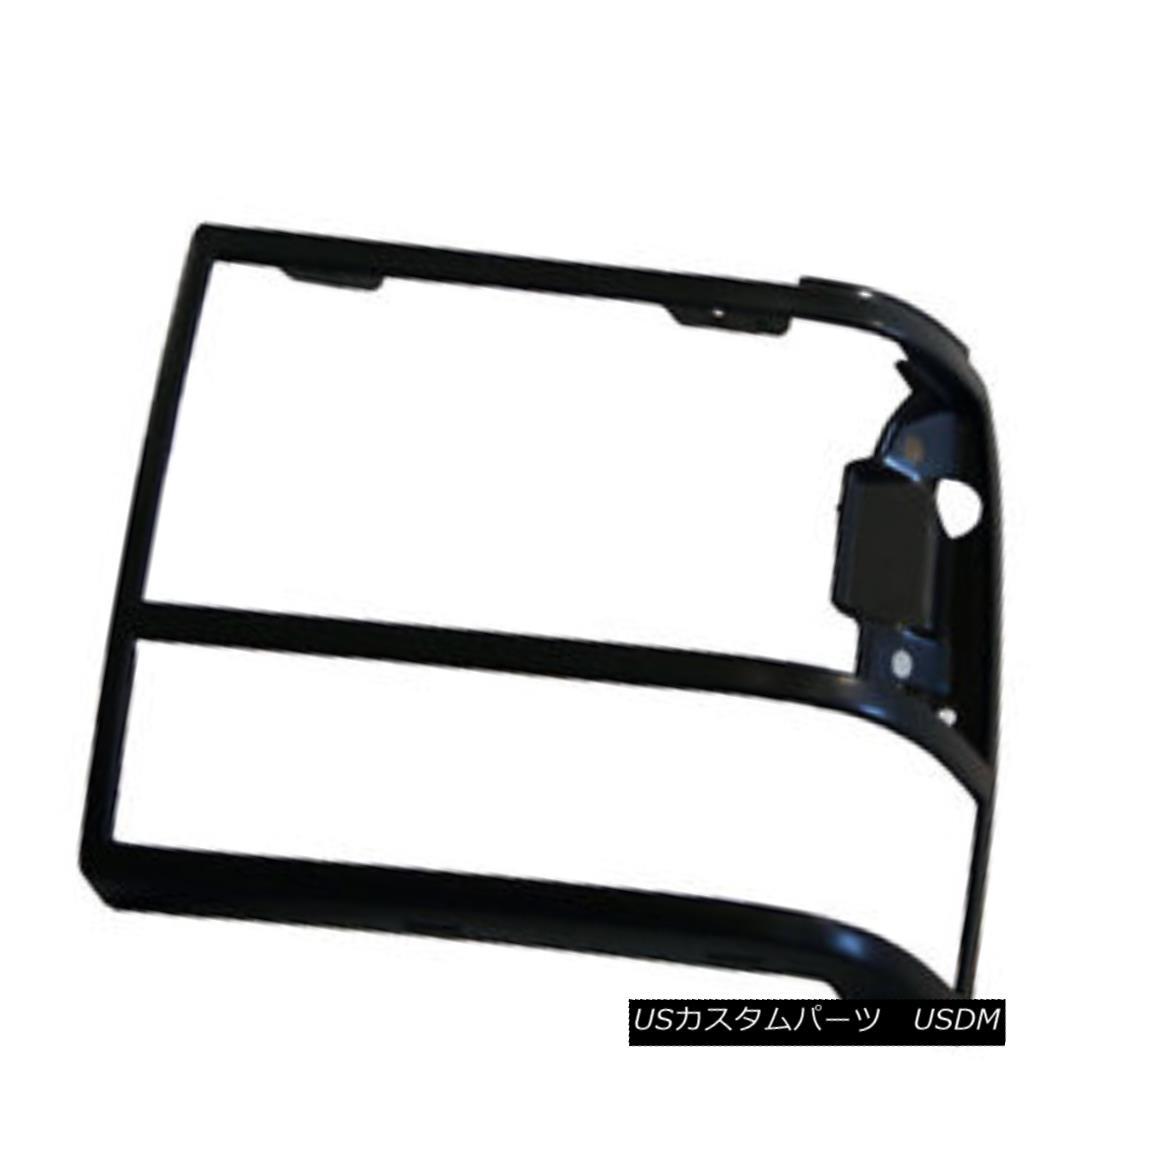 グリル New Replacement Headlight Door Black Driver Side without GT 630-00924BL GT 630-00924BLなしの新しい交換ヘッドライトドアブラックドライバ側